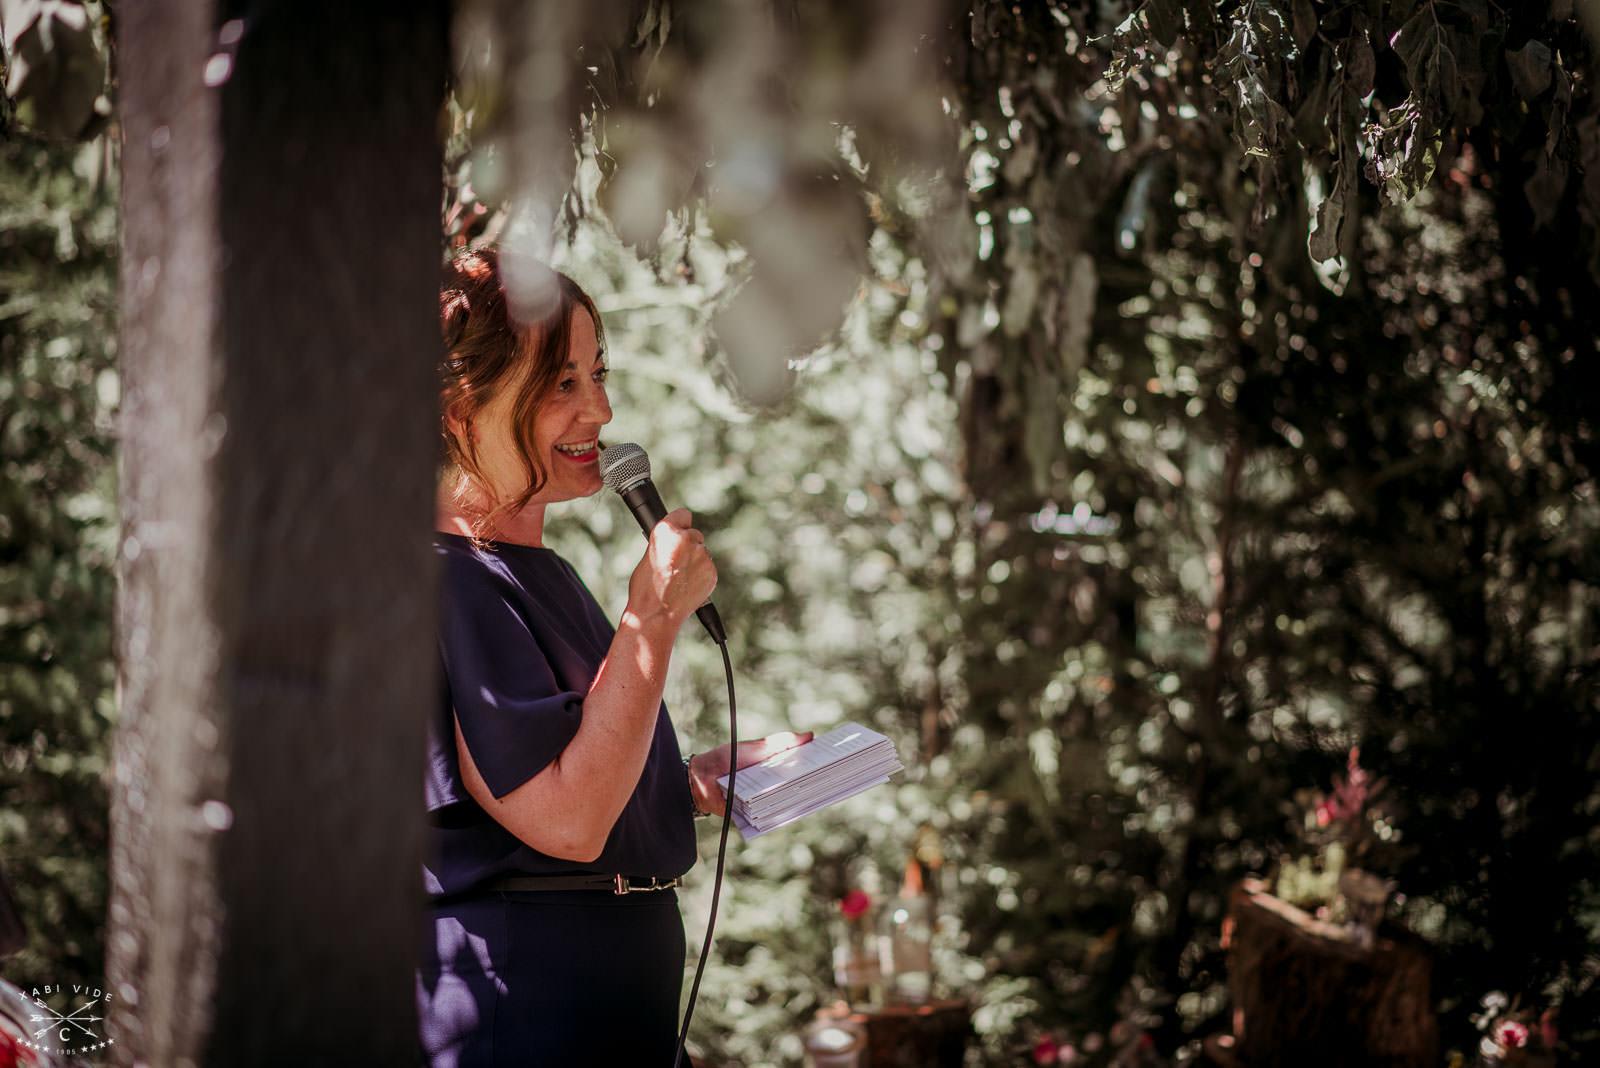 fotografo de bodas en bilbao-81